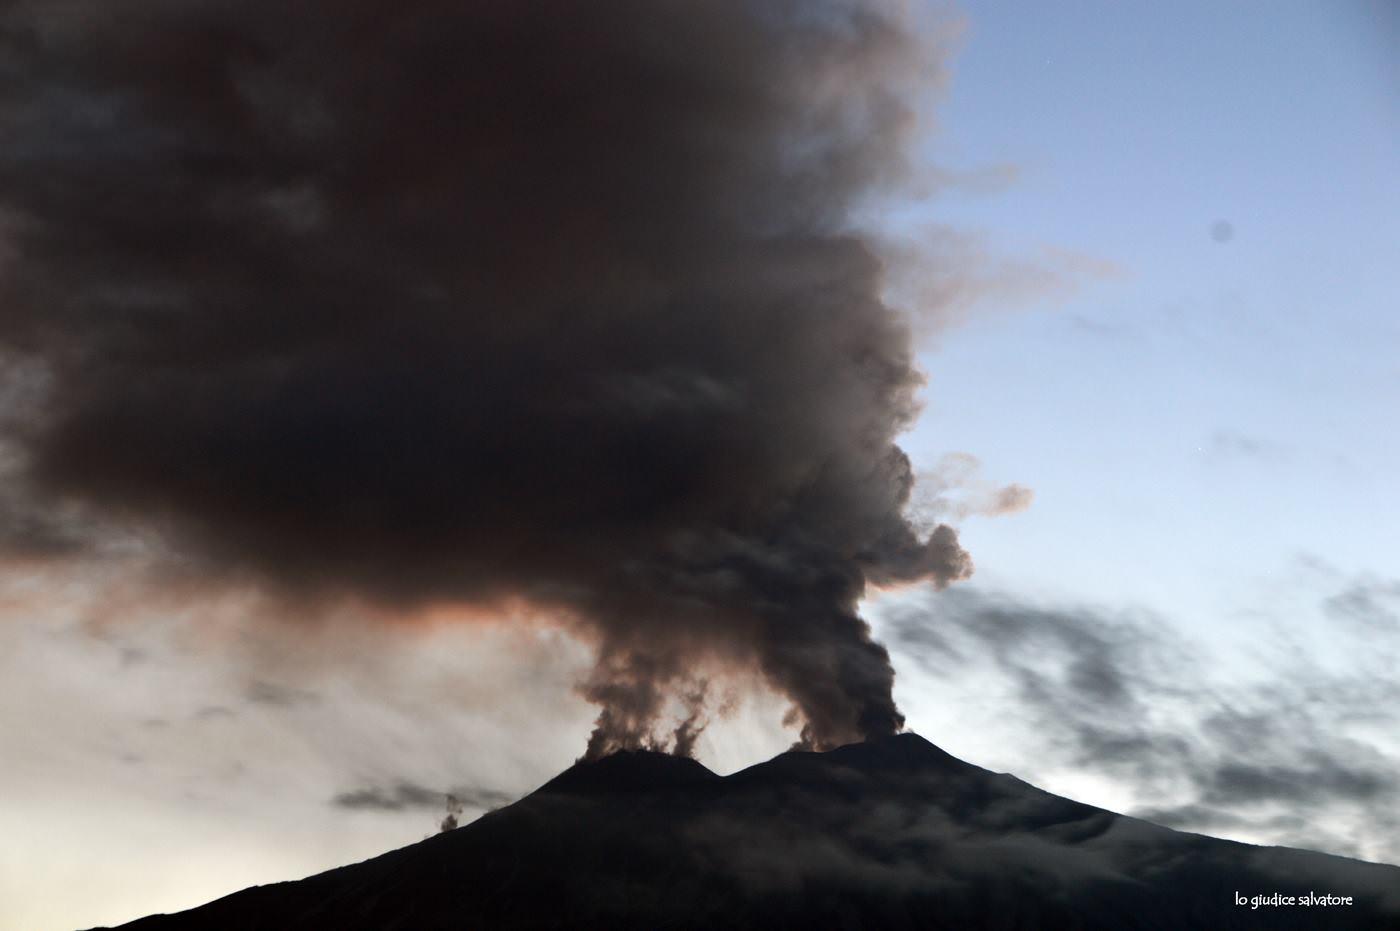 Etna, rimozione cenere vulcanica: deliberati 5 milioni di euro alla Regione Siciliana